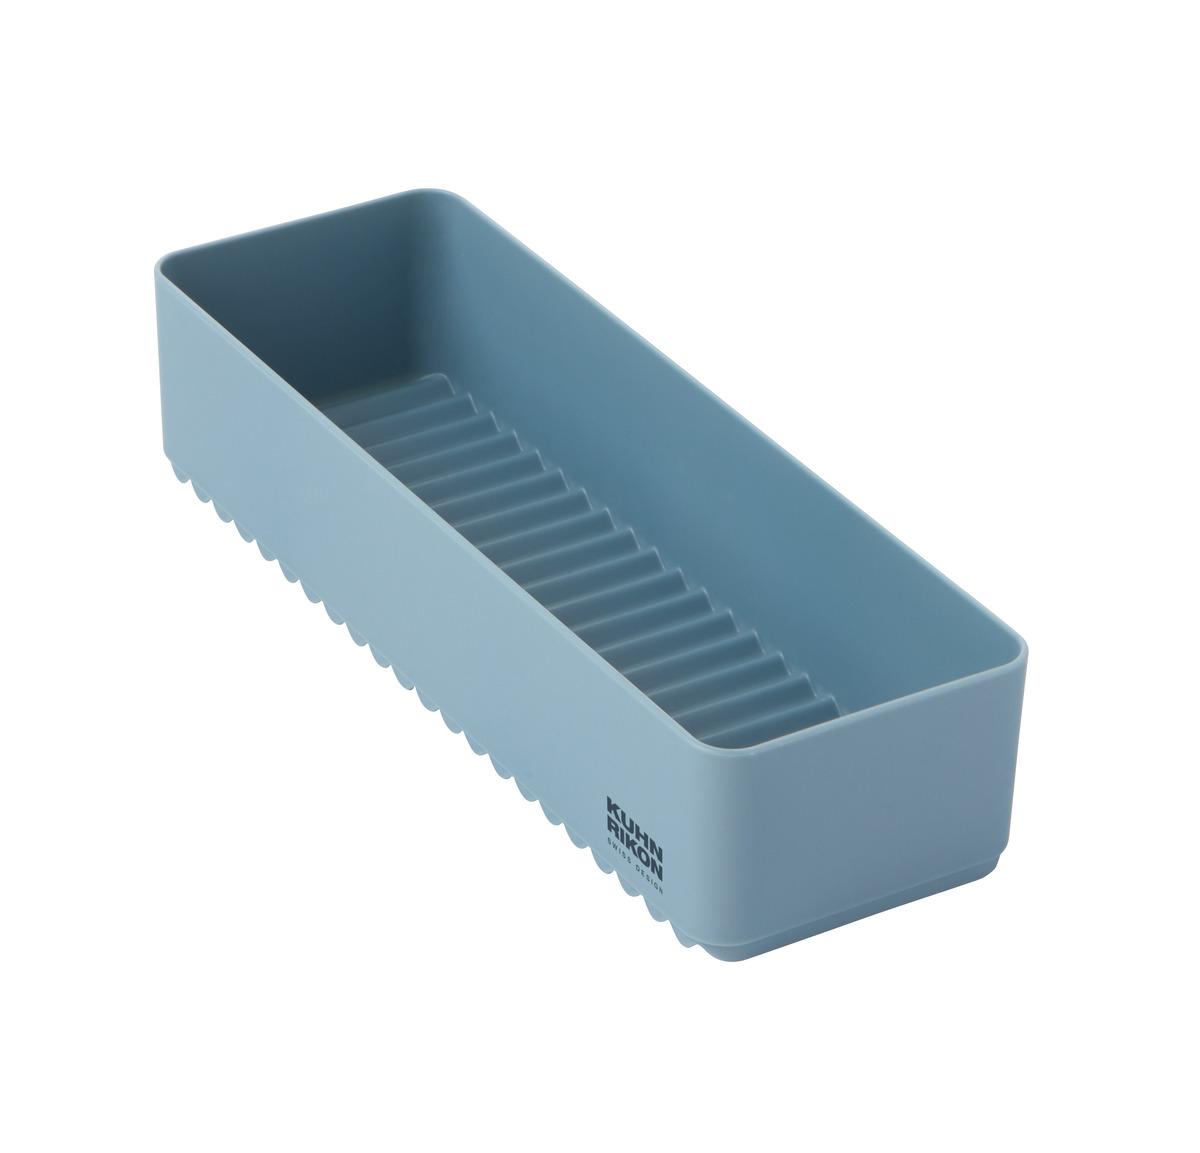 Full Size of Teller Wave M Bulk Graublau Kchenhelfer Linien Küche Sofa Hersteller Wohnzimmer Schubladeneinsatz Teller